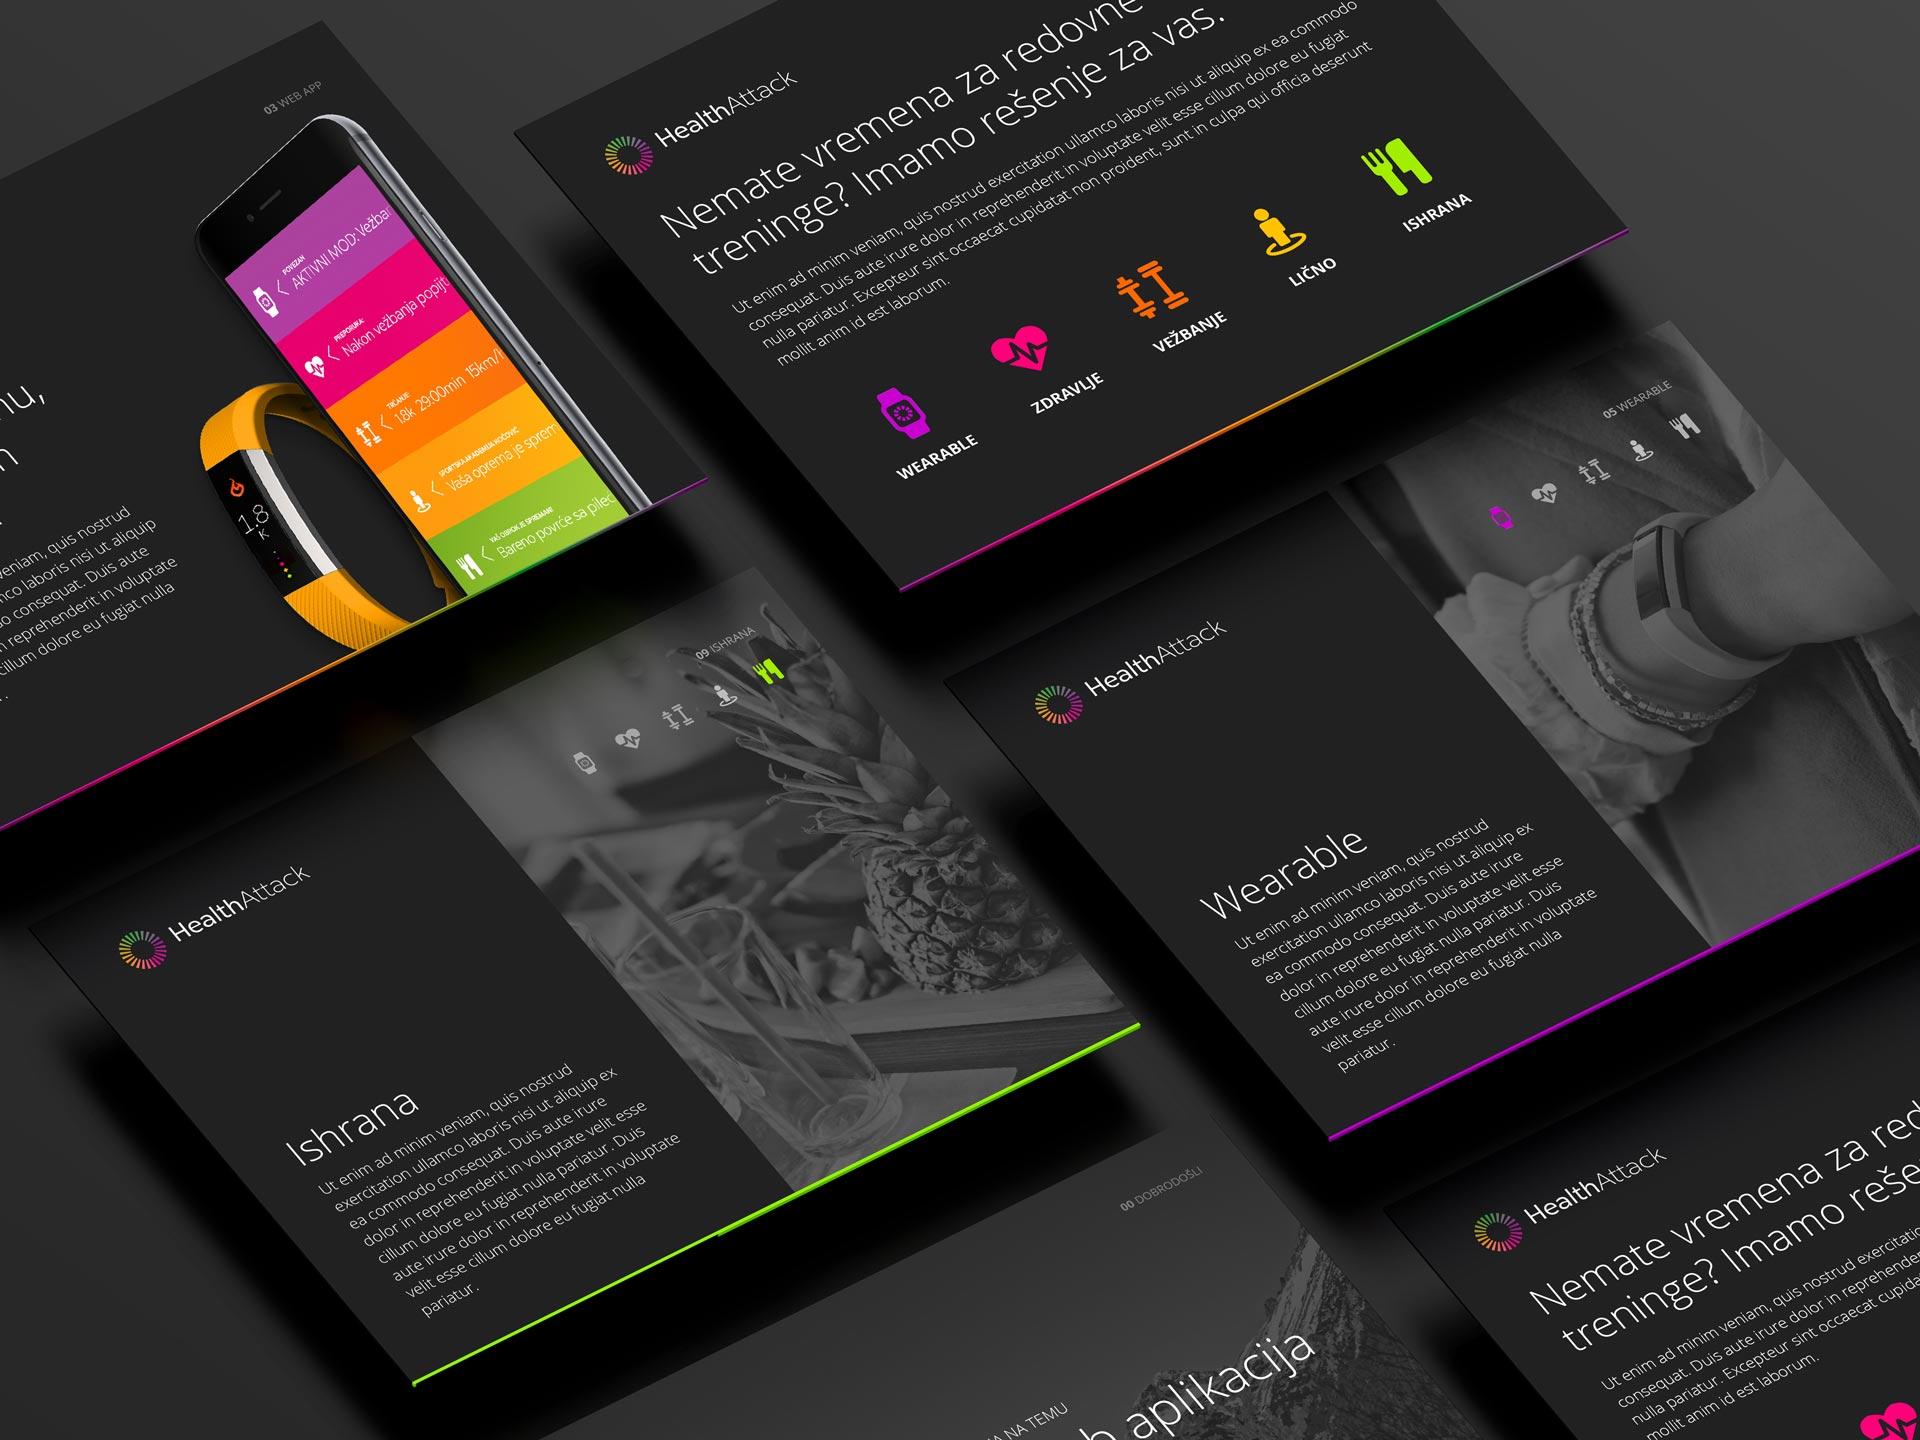 Dizajn prezentacije za Health attack aplikaciju